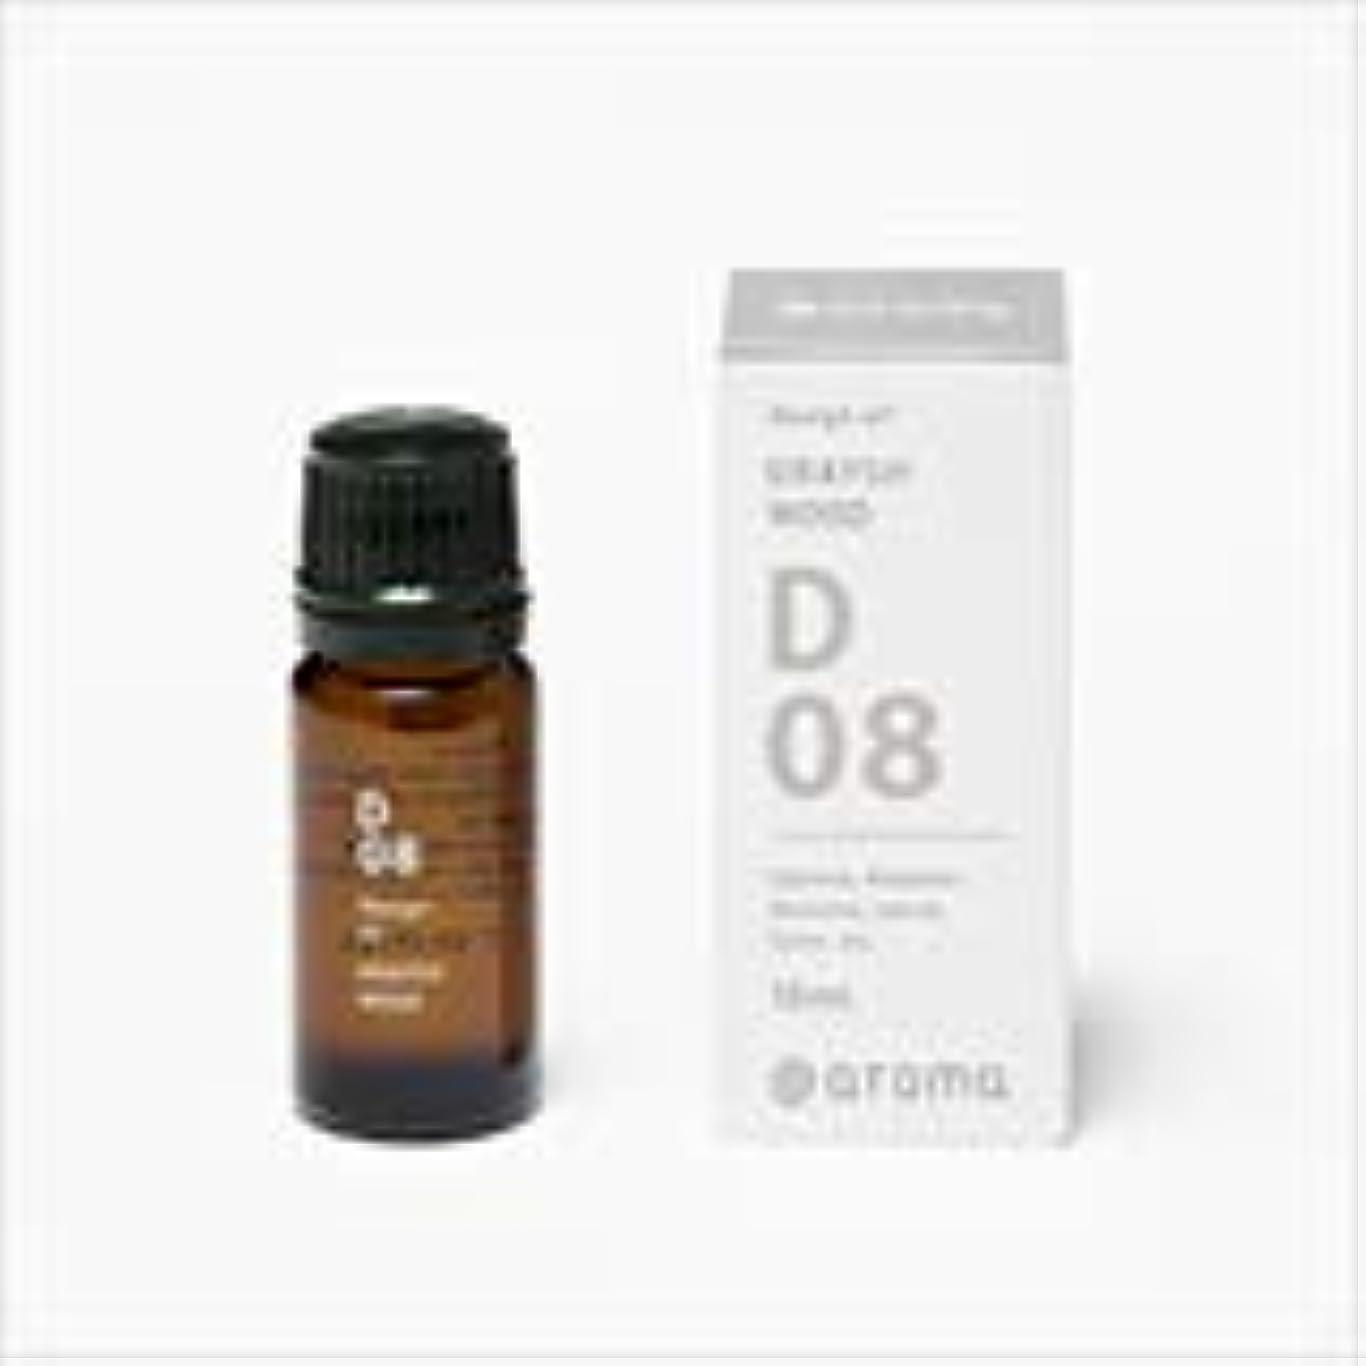 聖域違反するデコレーションアットアロマ 100%pure essential oil <Design air アブソリュートブルー>